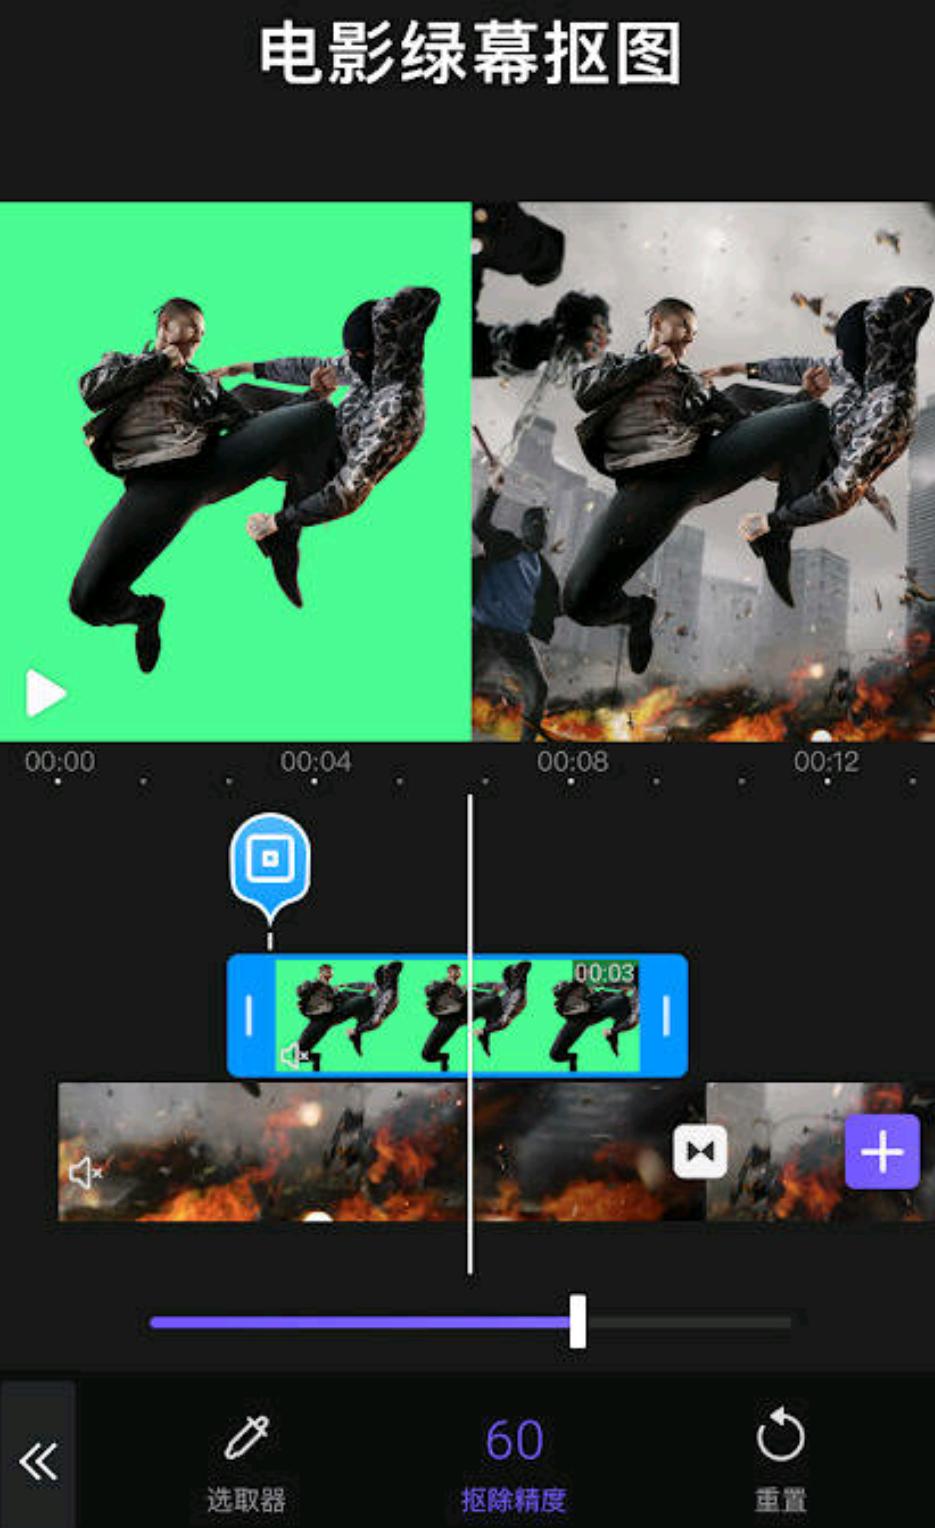 专业视频编辑器v1.1.5破解_终身_会员版